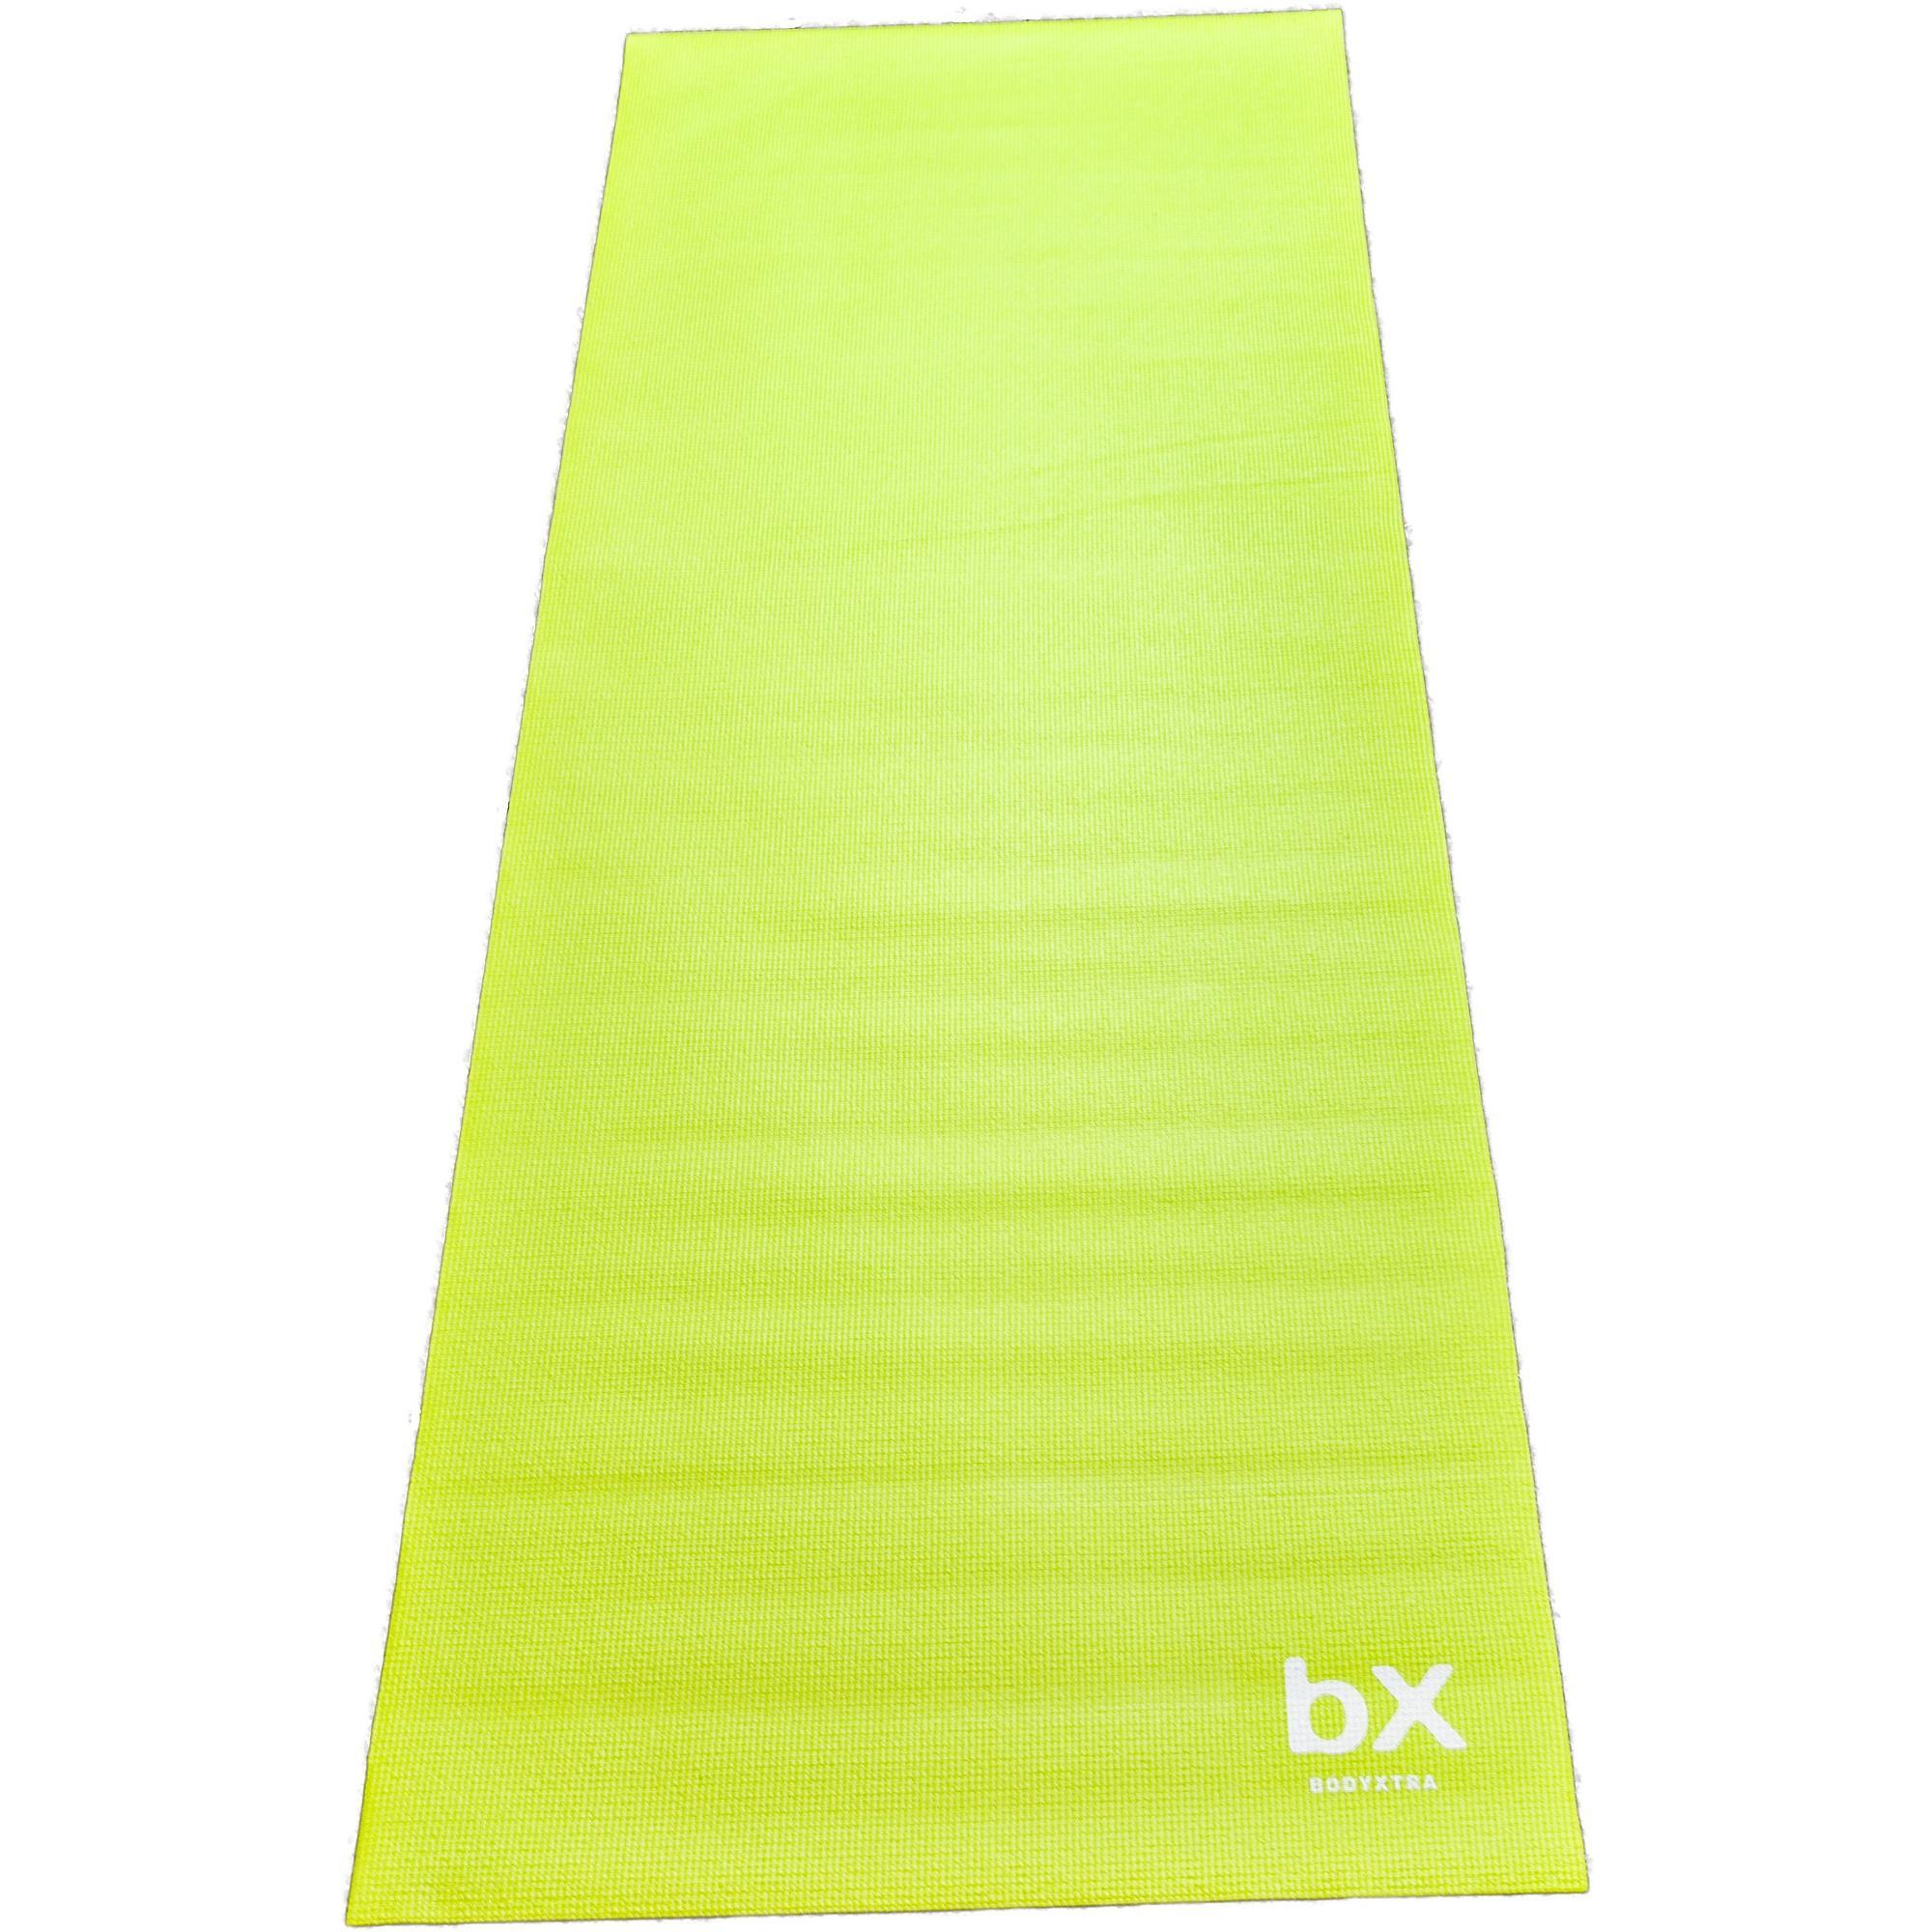 BODYXTRA 3mm Pvc Yoga Mat